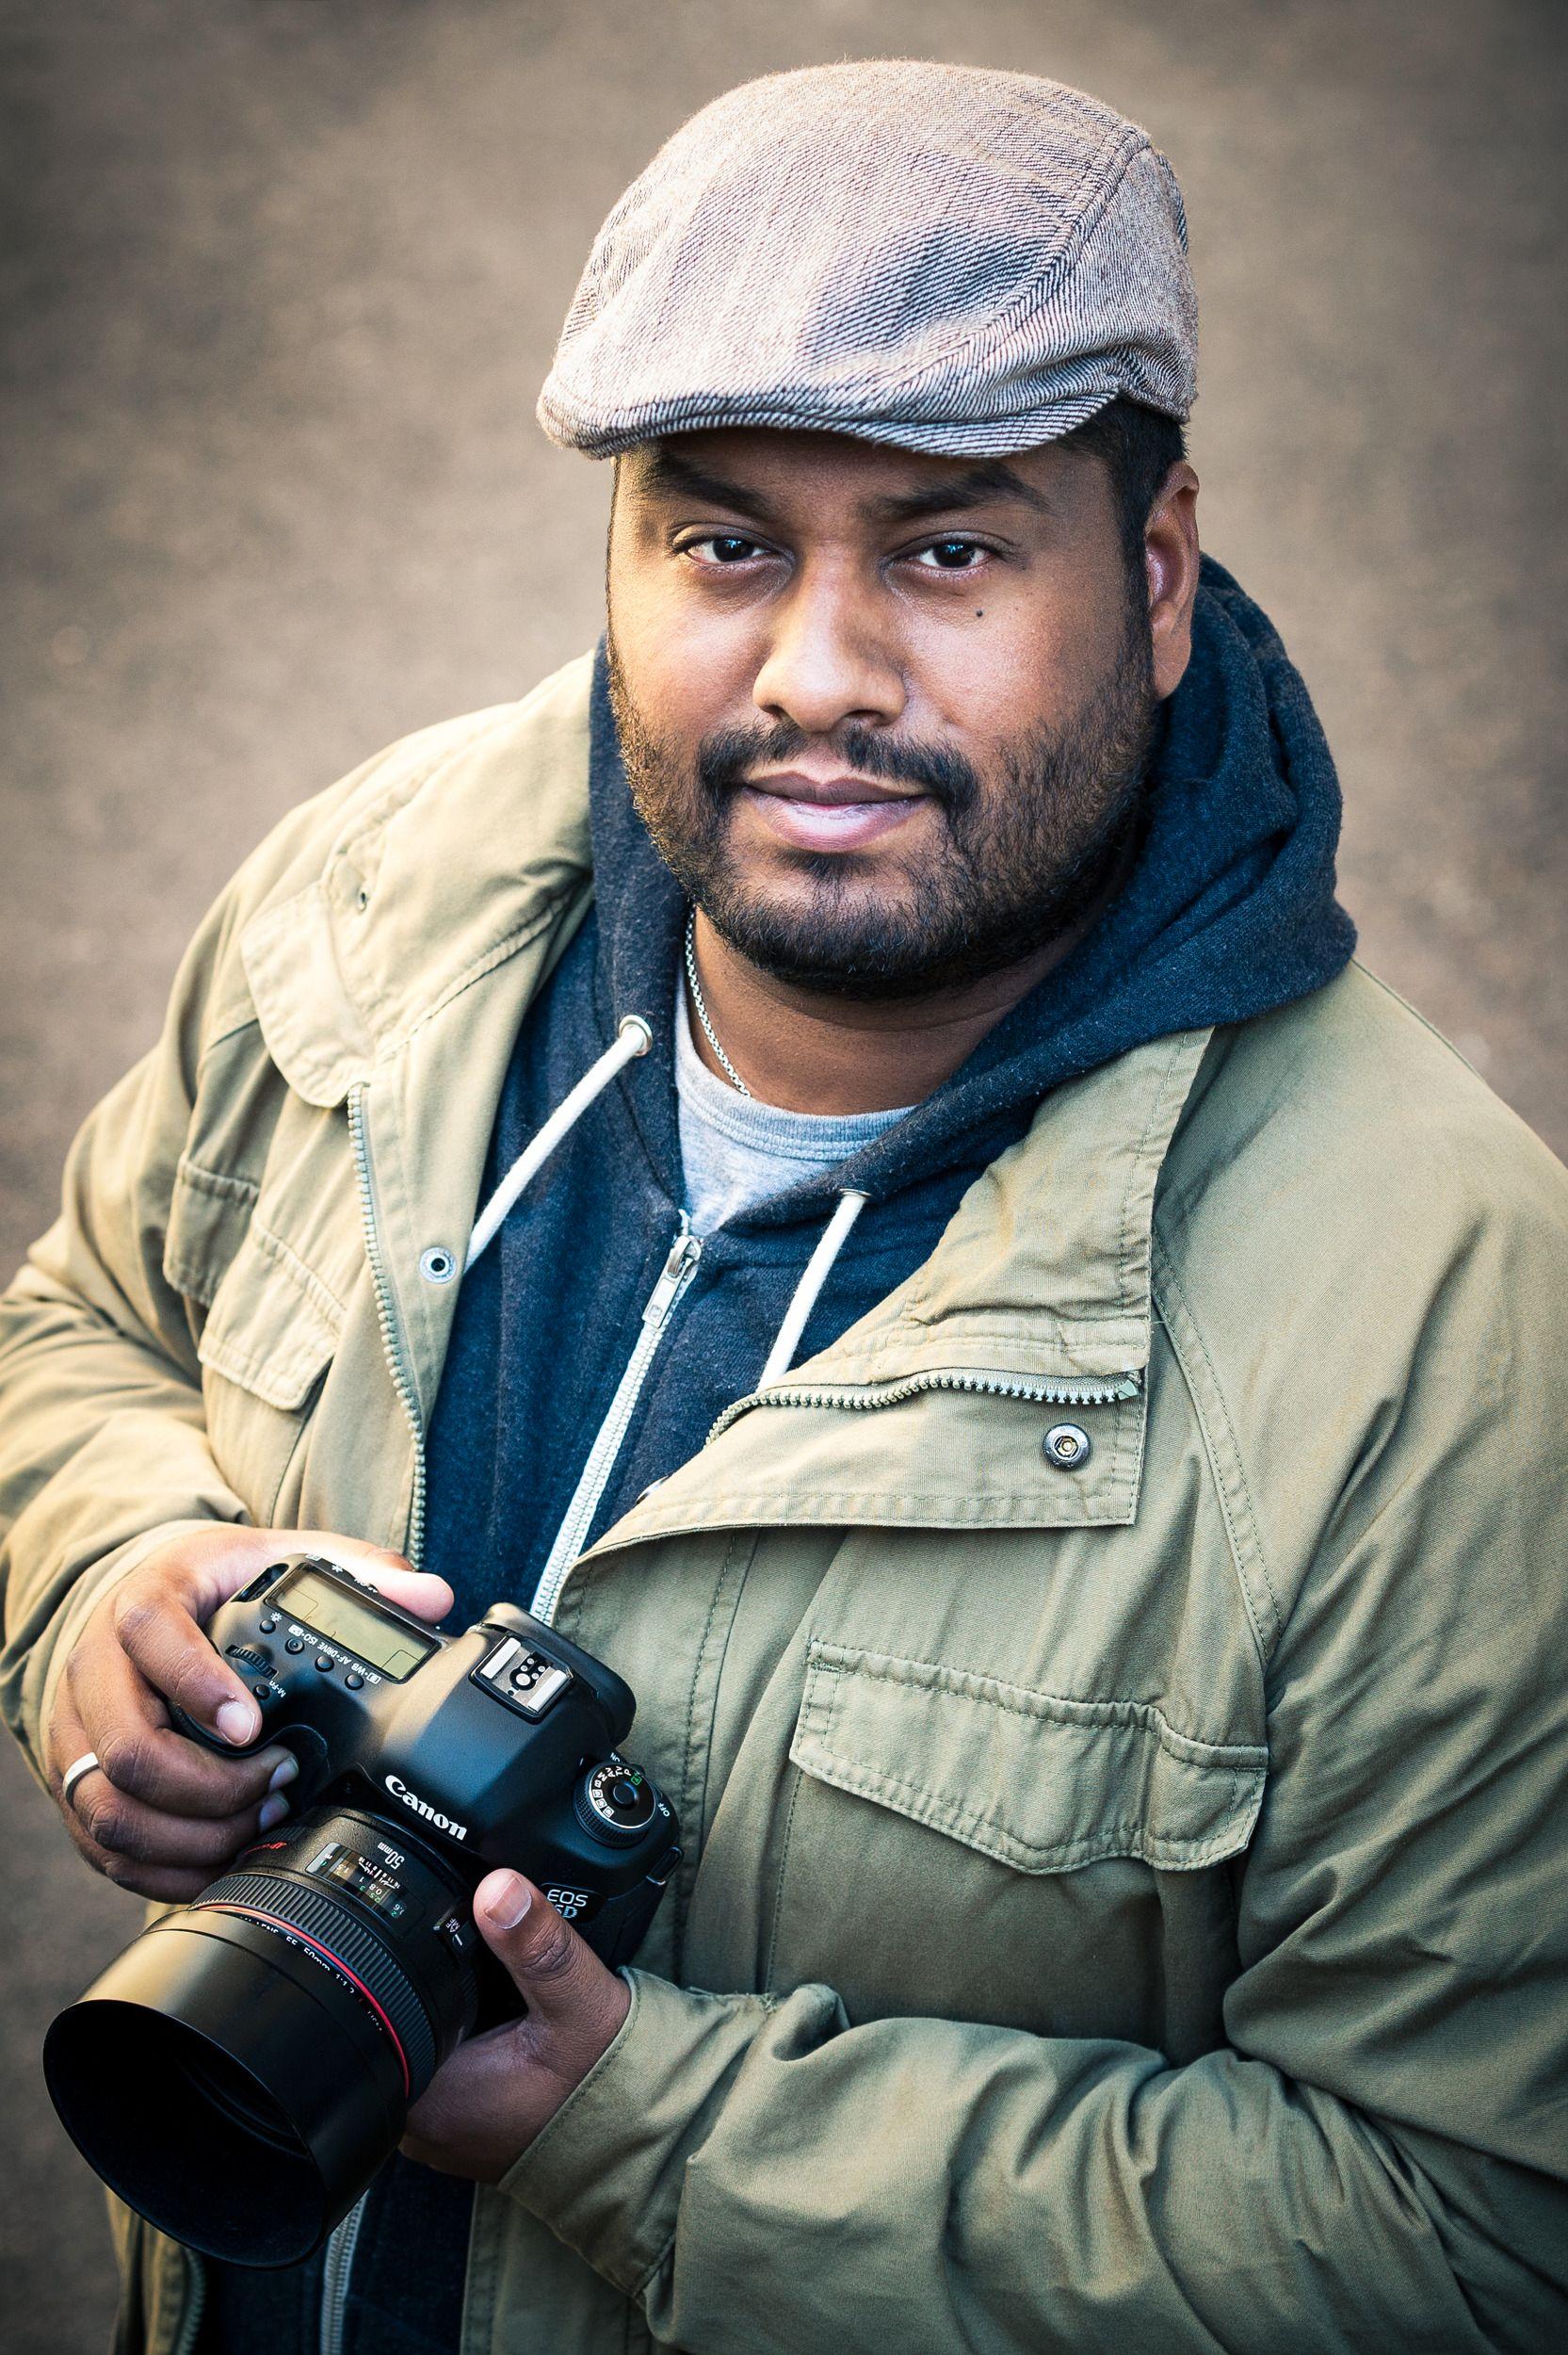 Johannes er fotograf, og frilansskribent for Tek.no. Foto: Alex Hoel